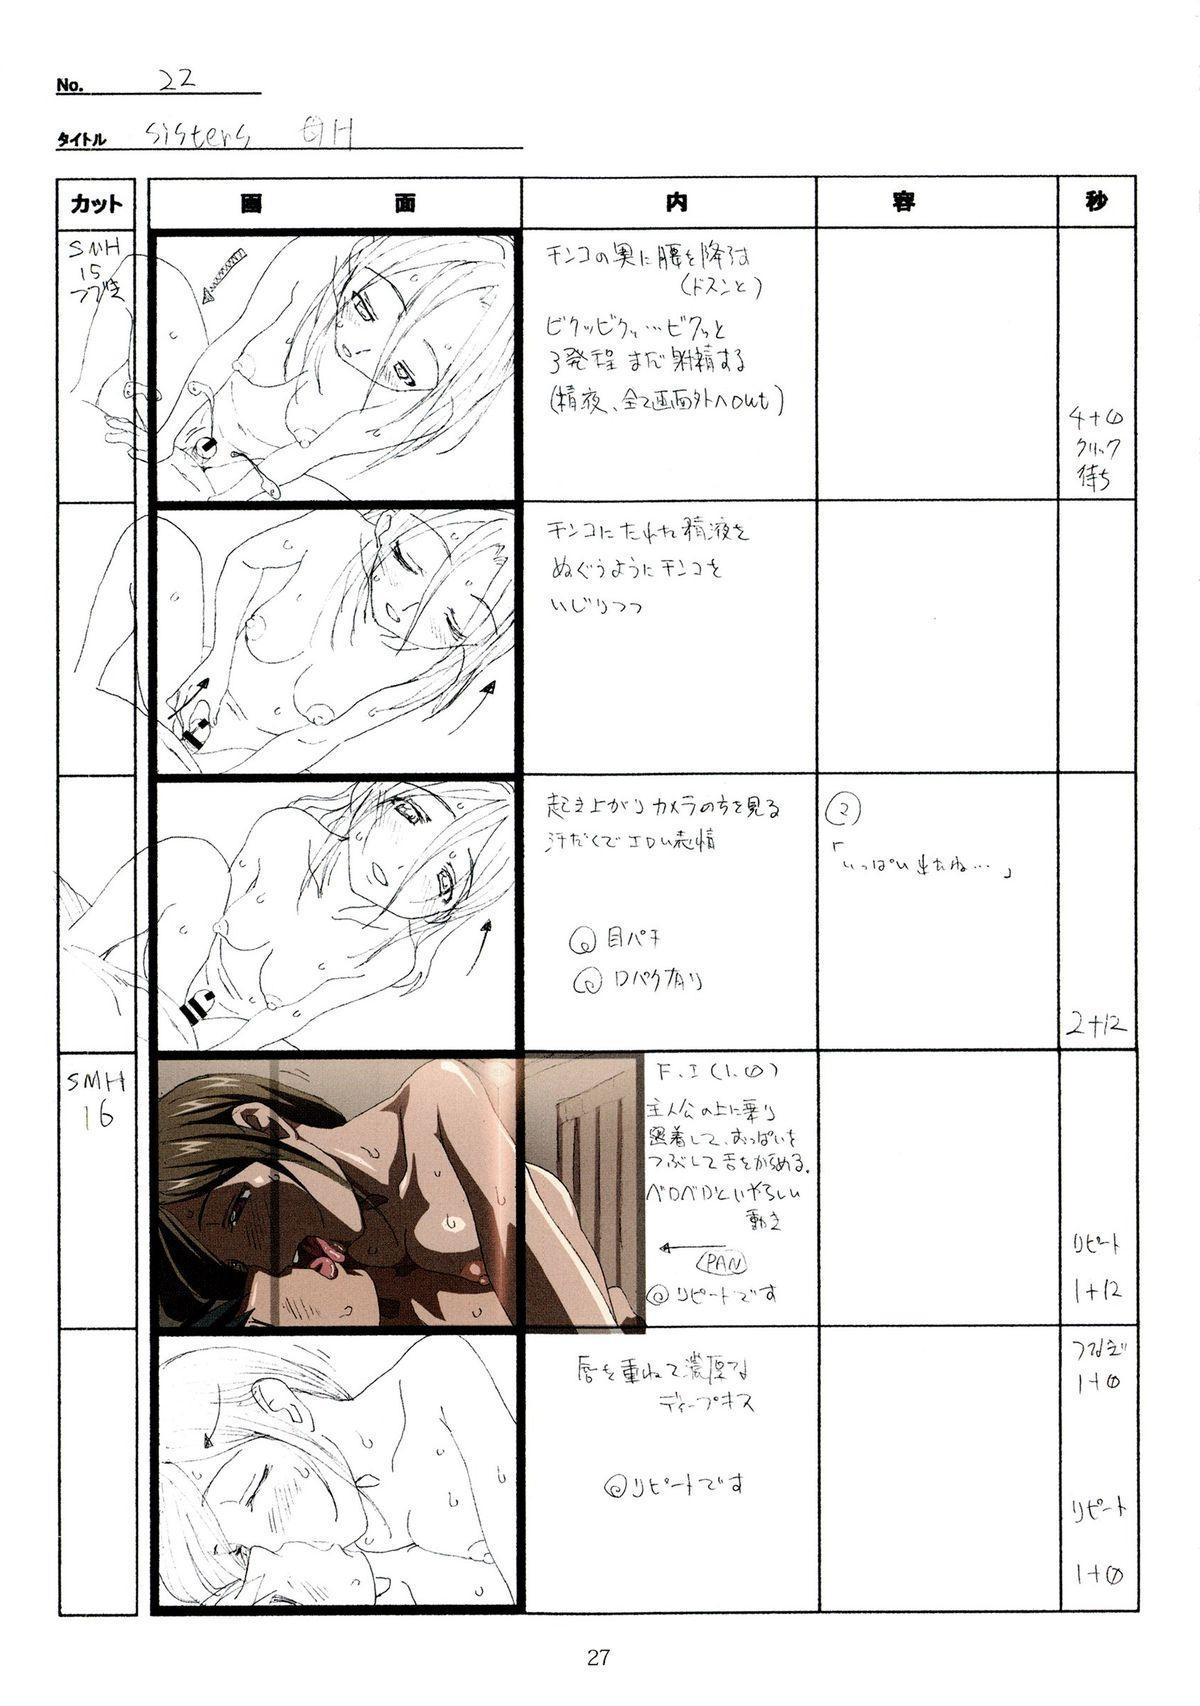 (C89) [Makino Jimusho (Taki Minashika)] SISTERS -Natsu no Saigo no Hi- H Scene All Part Storyboard (SISTERS -Natsu no Saigo no Hi-) 26